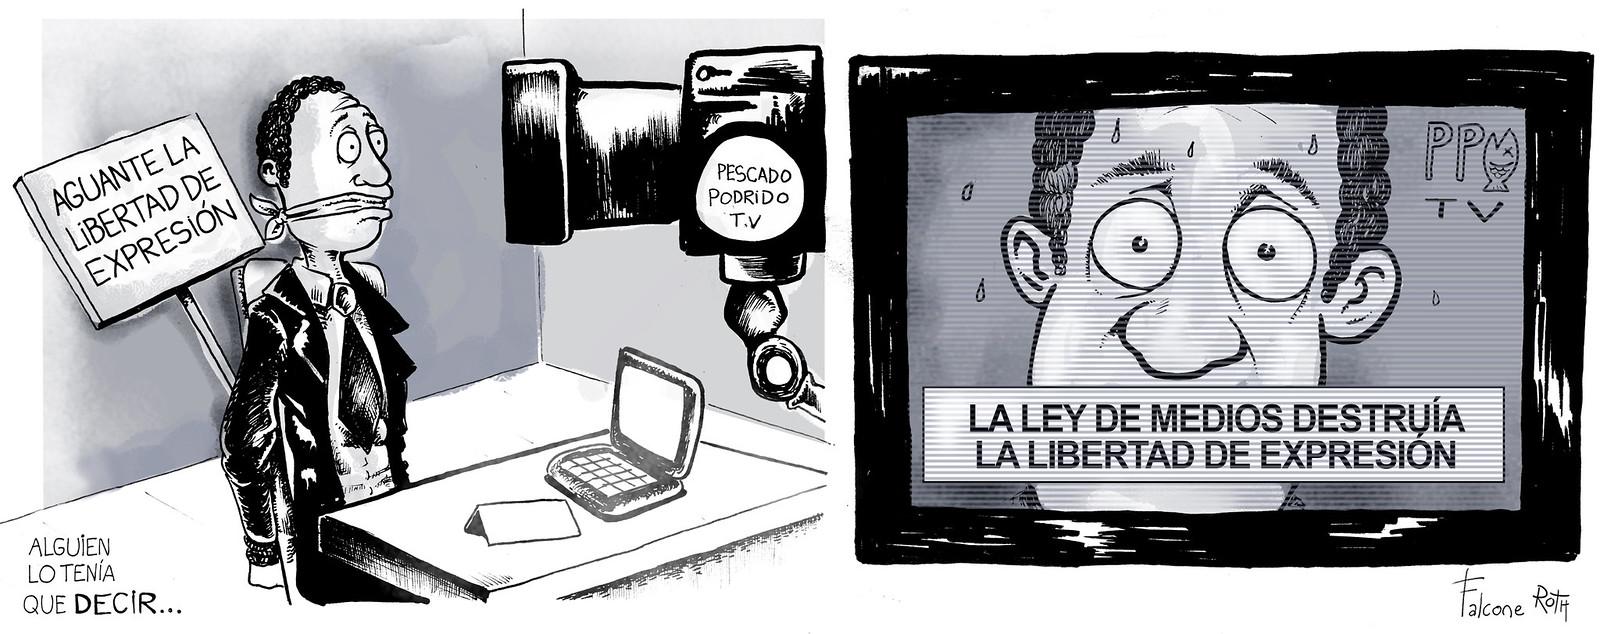 libertad de expresión y ley de medios